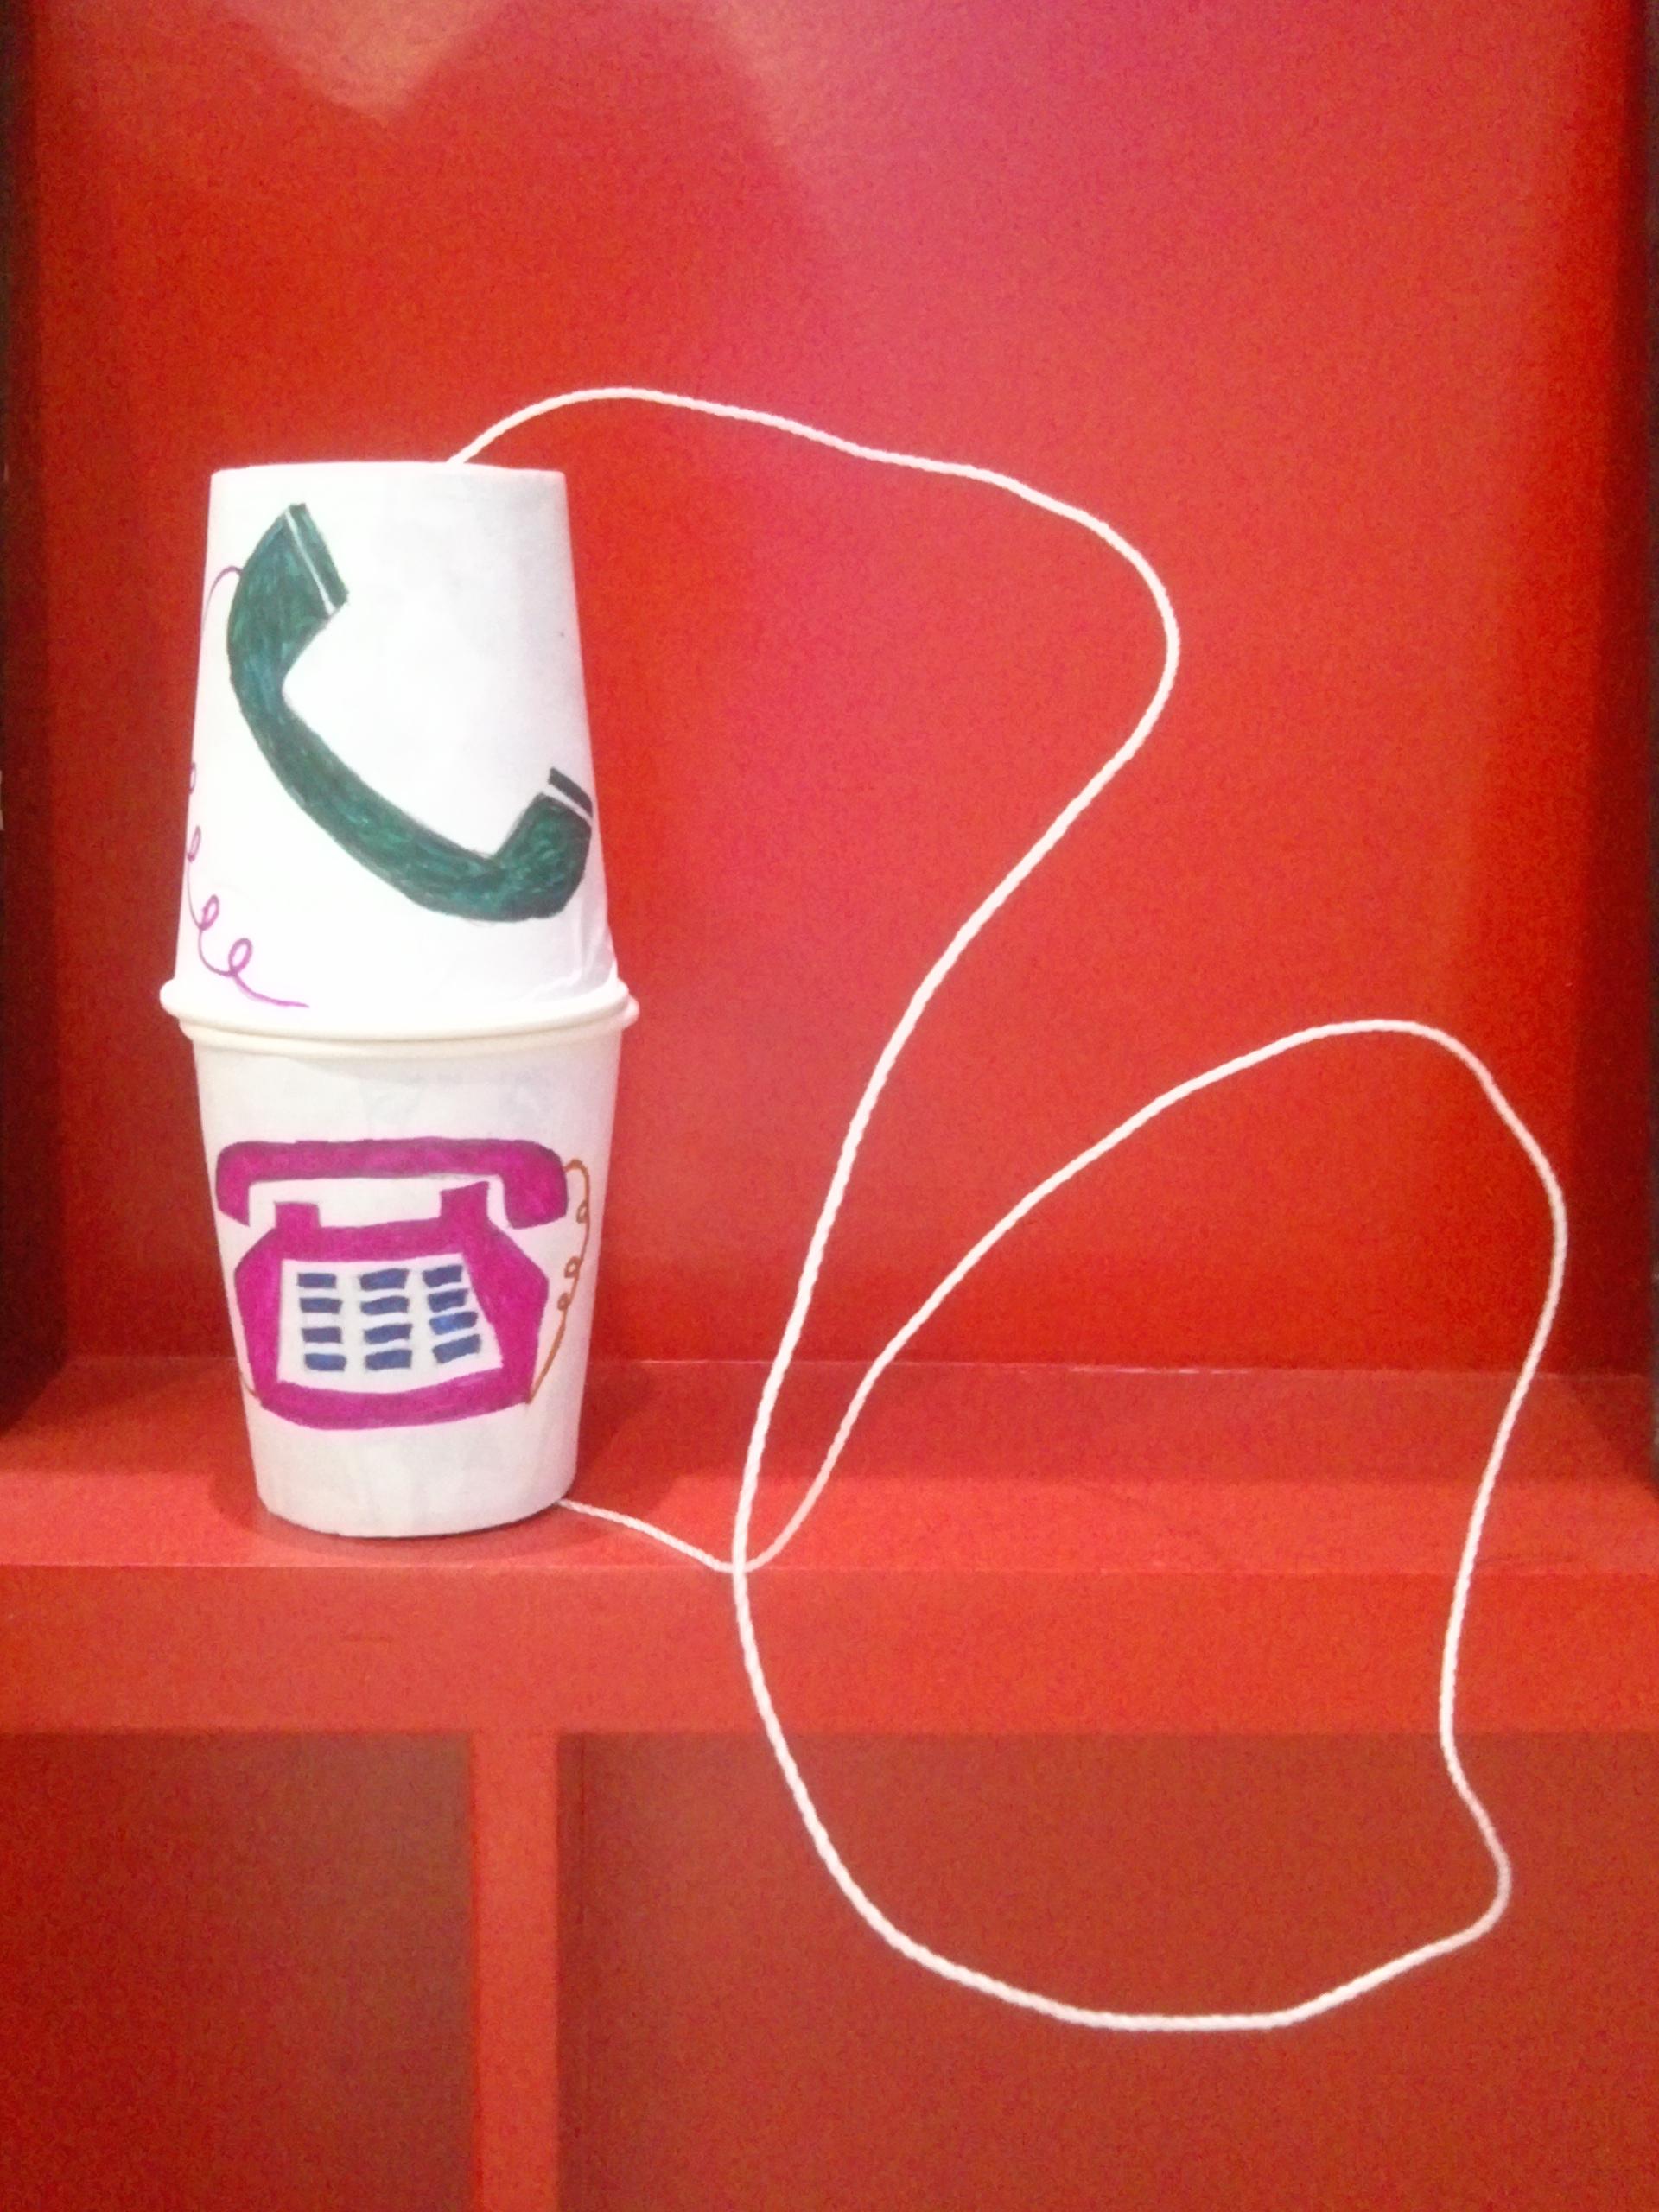 土电话 - 红领巾相约中国梦